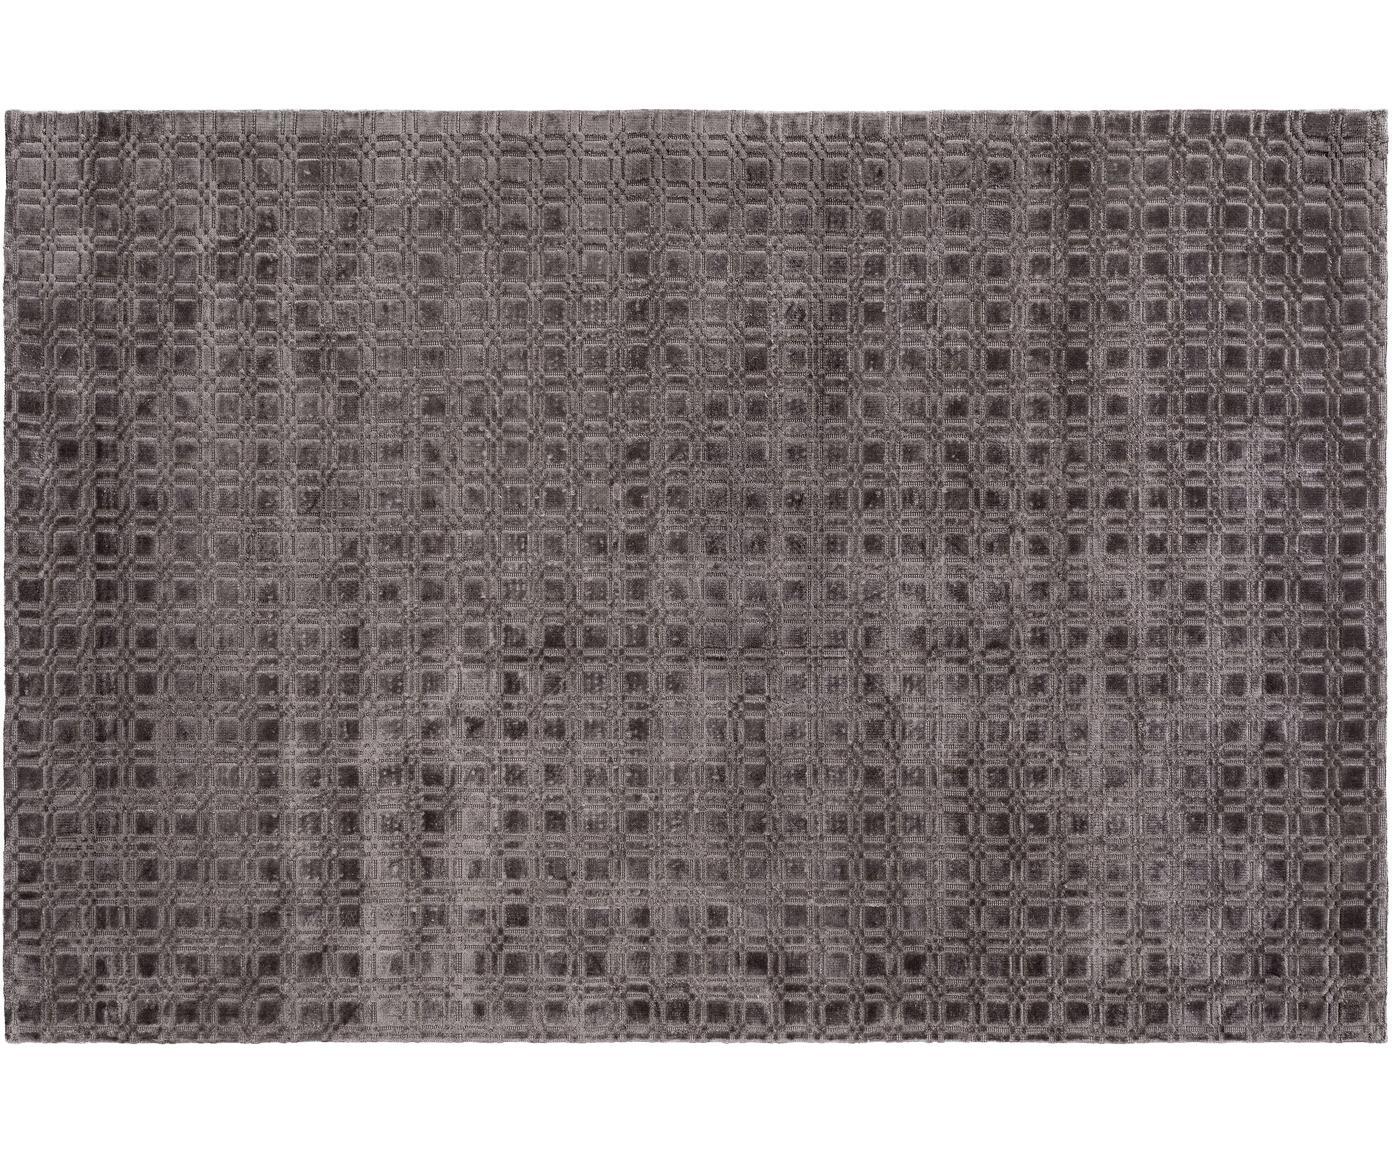 Alfombra de viscosa artesanal Nelson, Viscosa, Gris, An 140 x L 200 cm (Tamaño S)